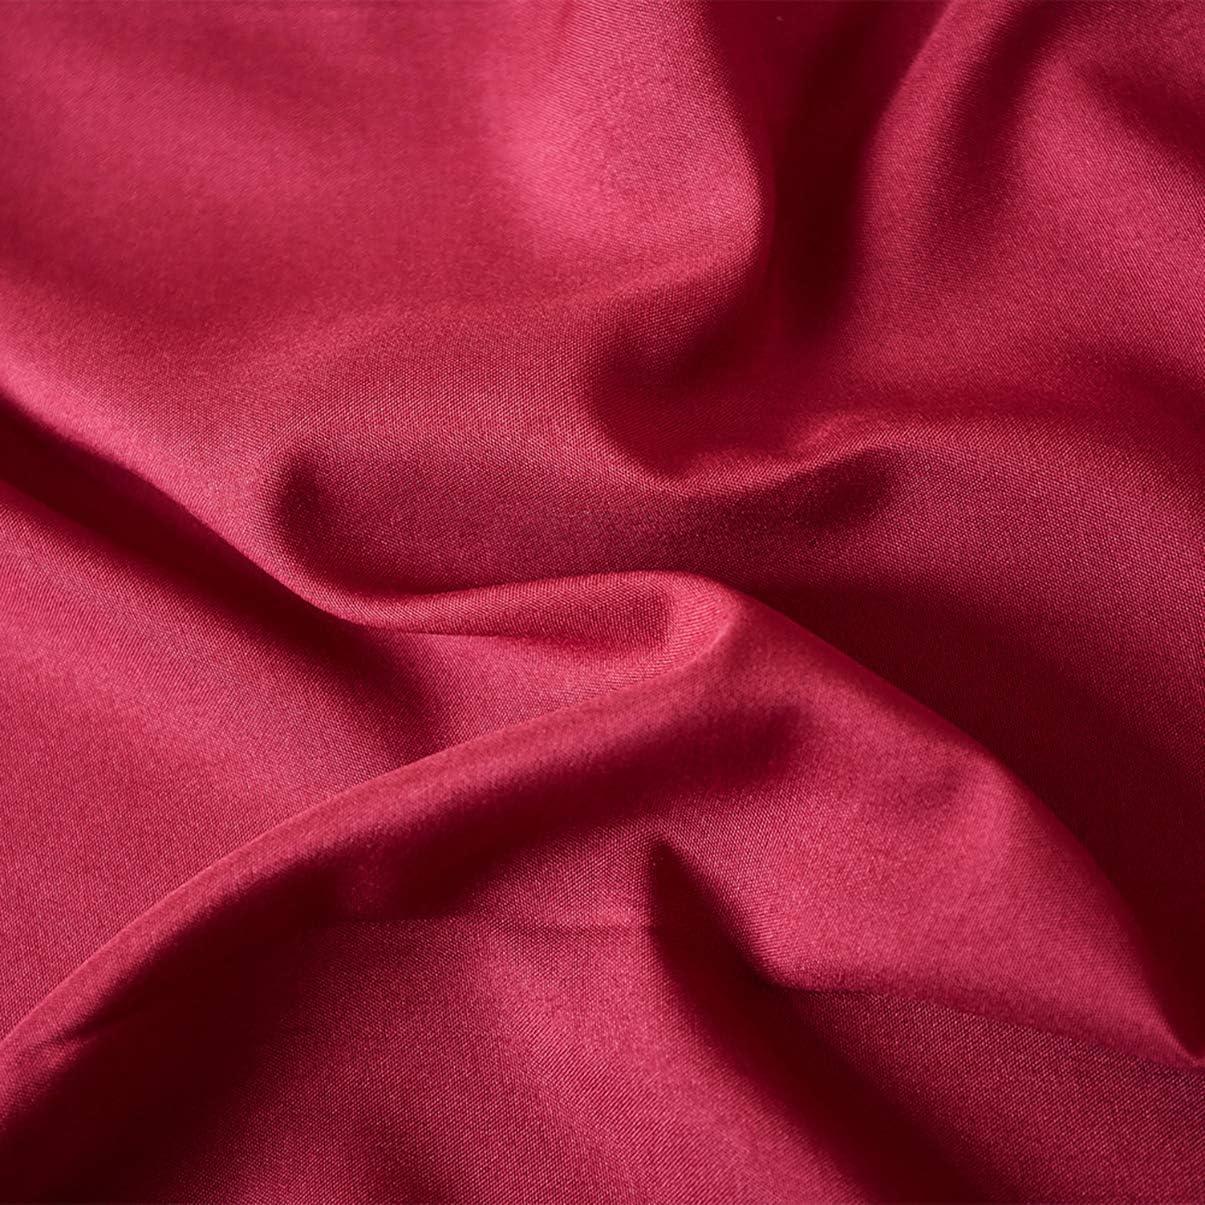 doble blanco SaDiao Juego de s/ábanas de 4 piezas microfibra s/ábana bajera bolsillos profundos s/ábana encimera 2 fundas de almohada resistente a las arrugas a las manchas lavable a m/áquina